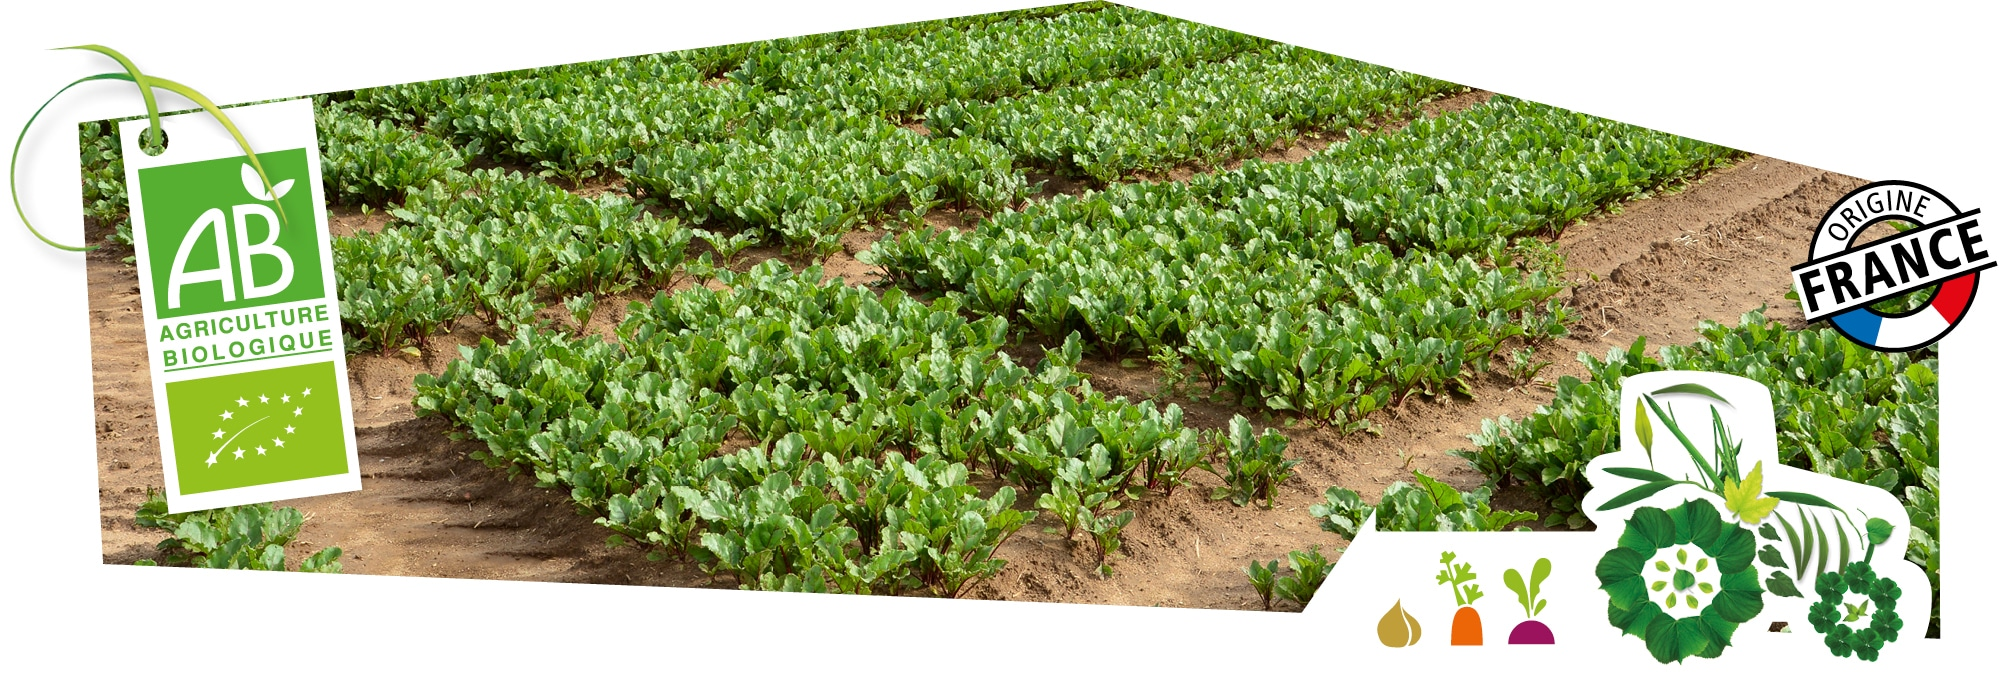 Champs de culture bio Kultive, représentant l'esprit Produire mieux que bien, accompagné du logo du label Agriculture Biologique, superposé sur l'image.